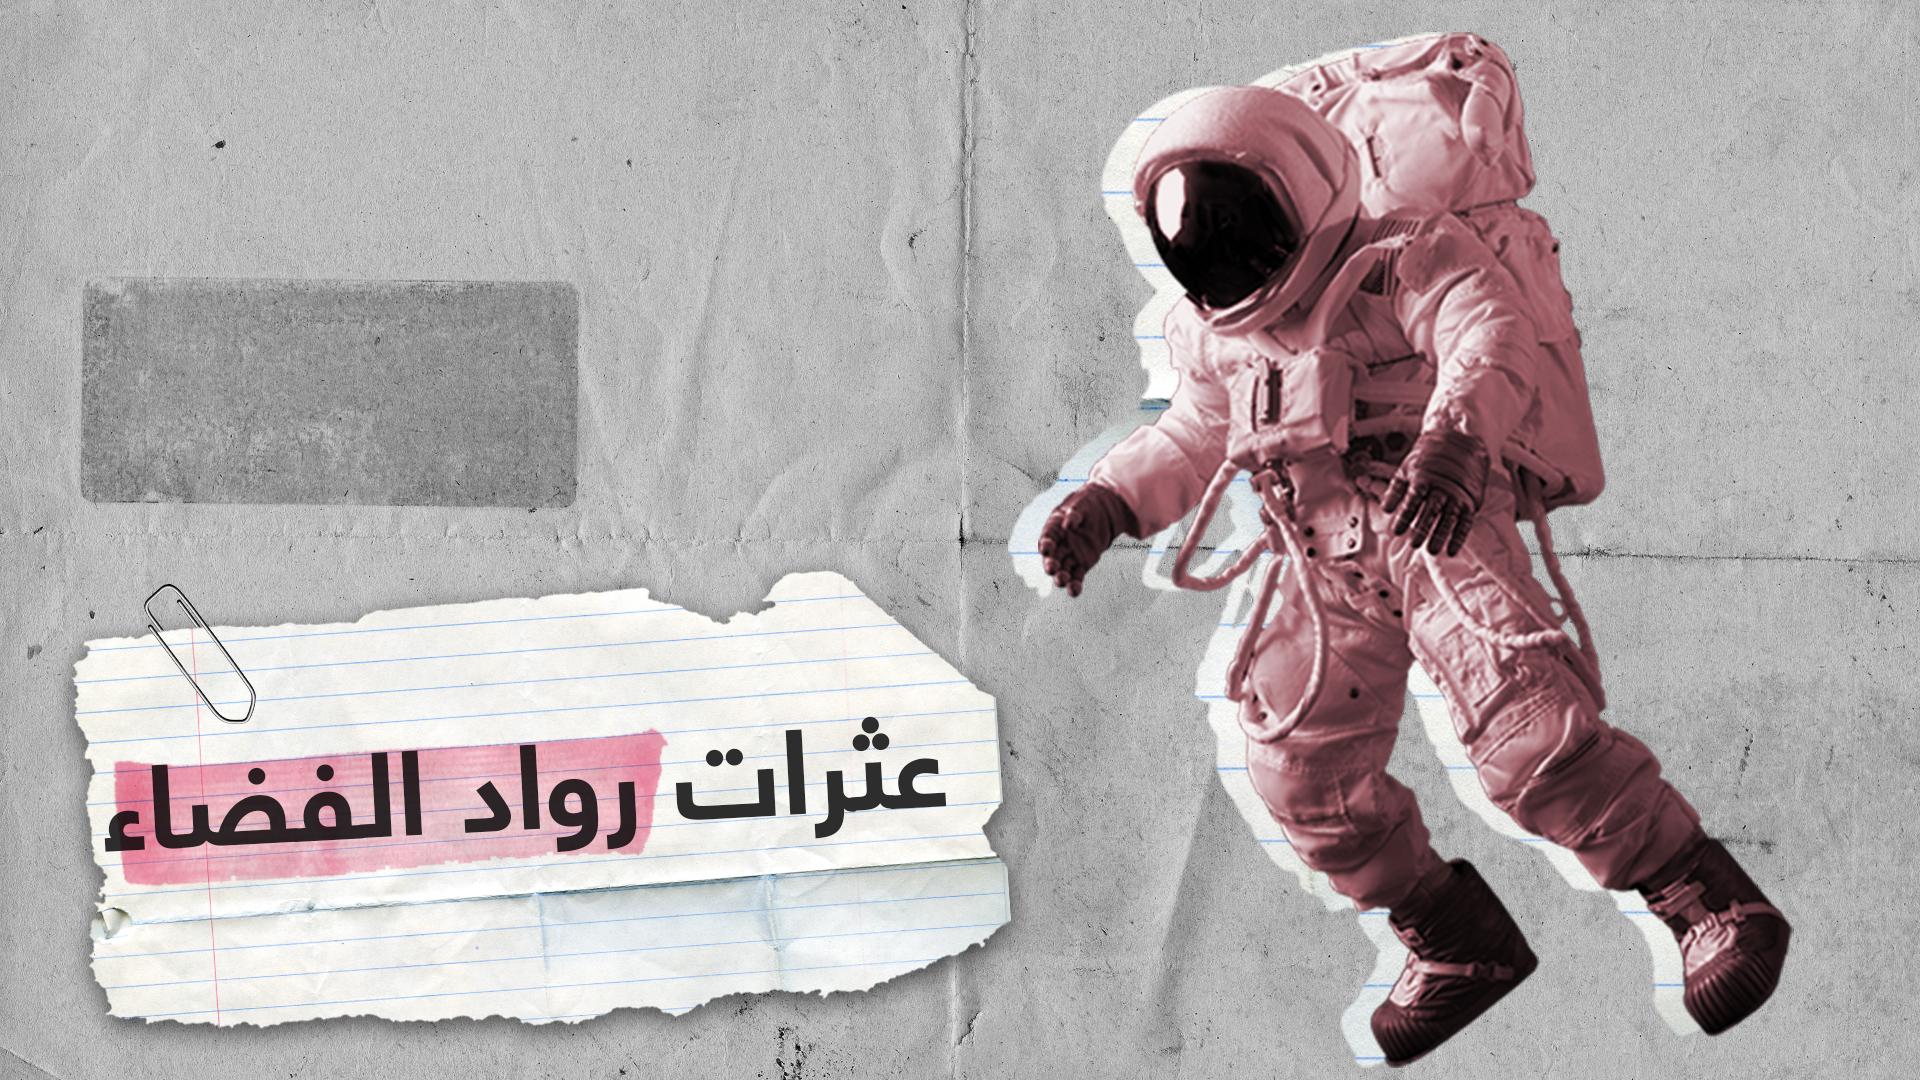 هل شاهدت رواد الفضاء وهم يسقطون؟